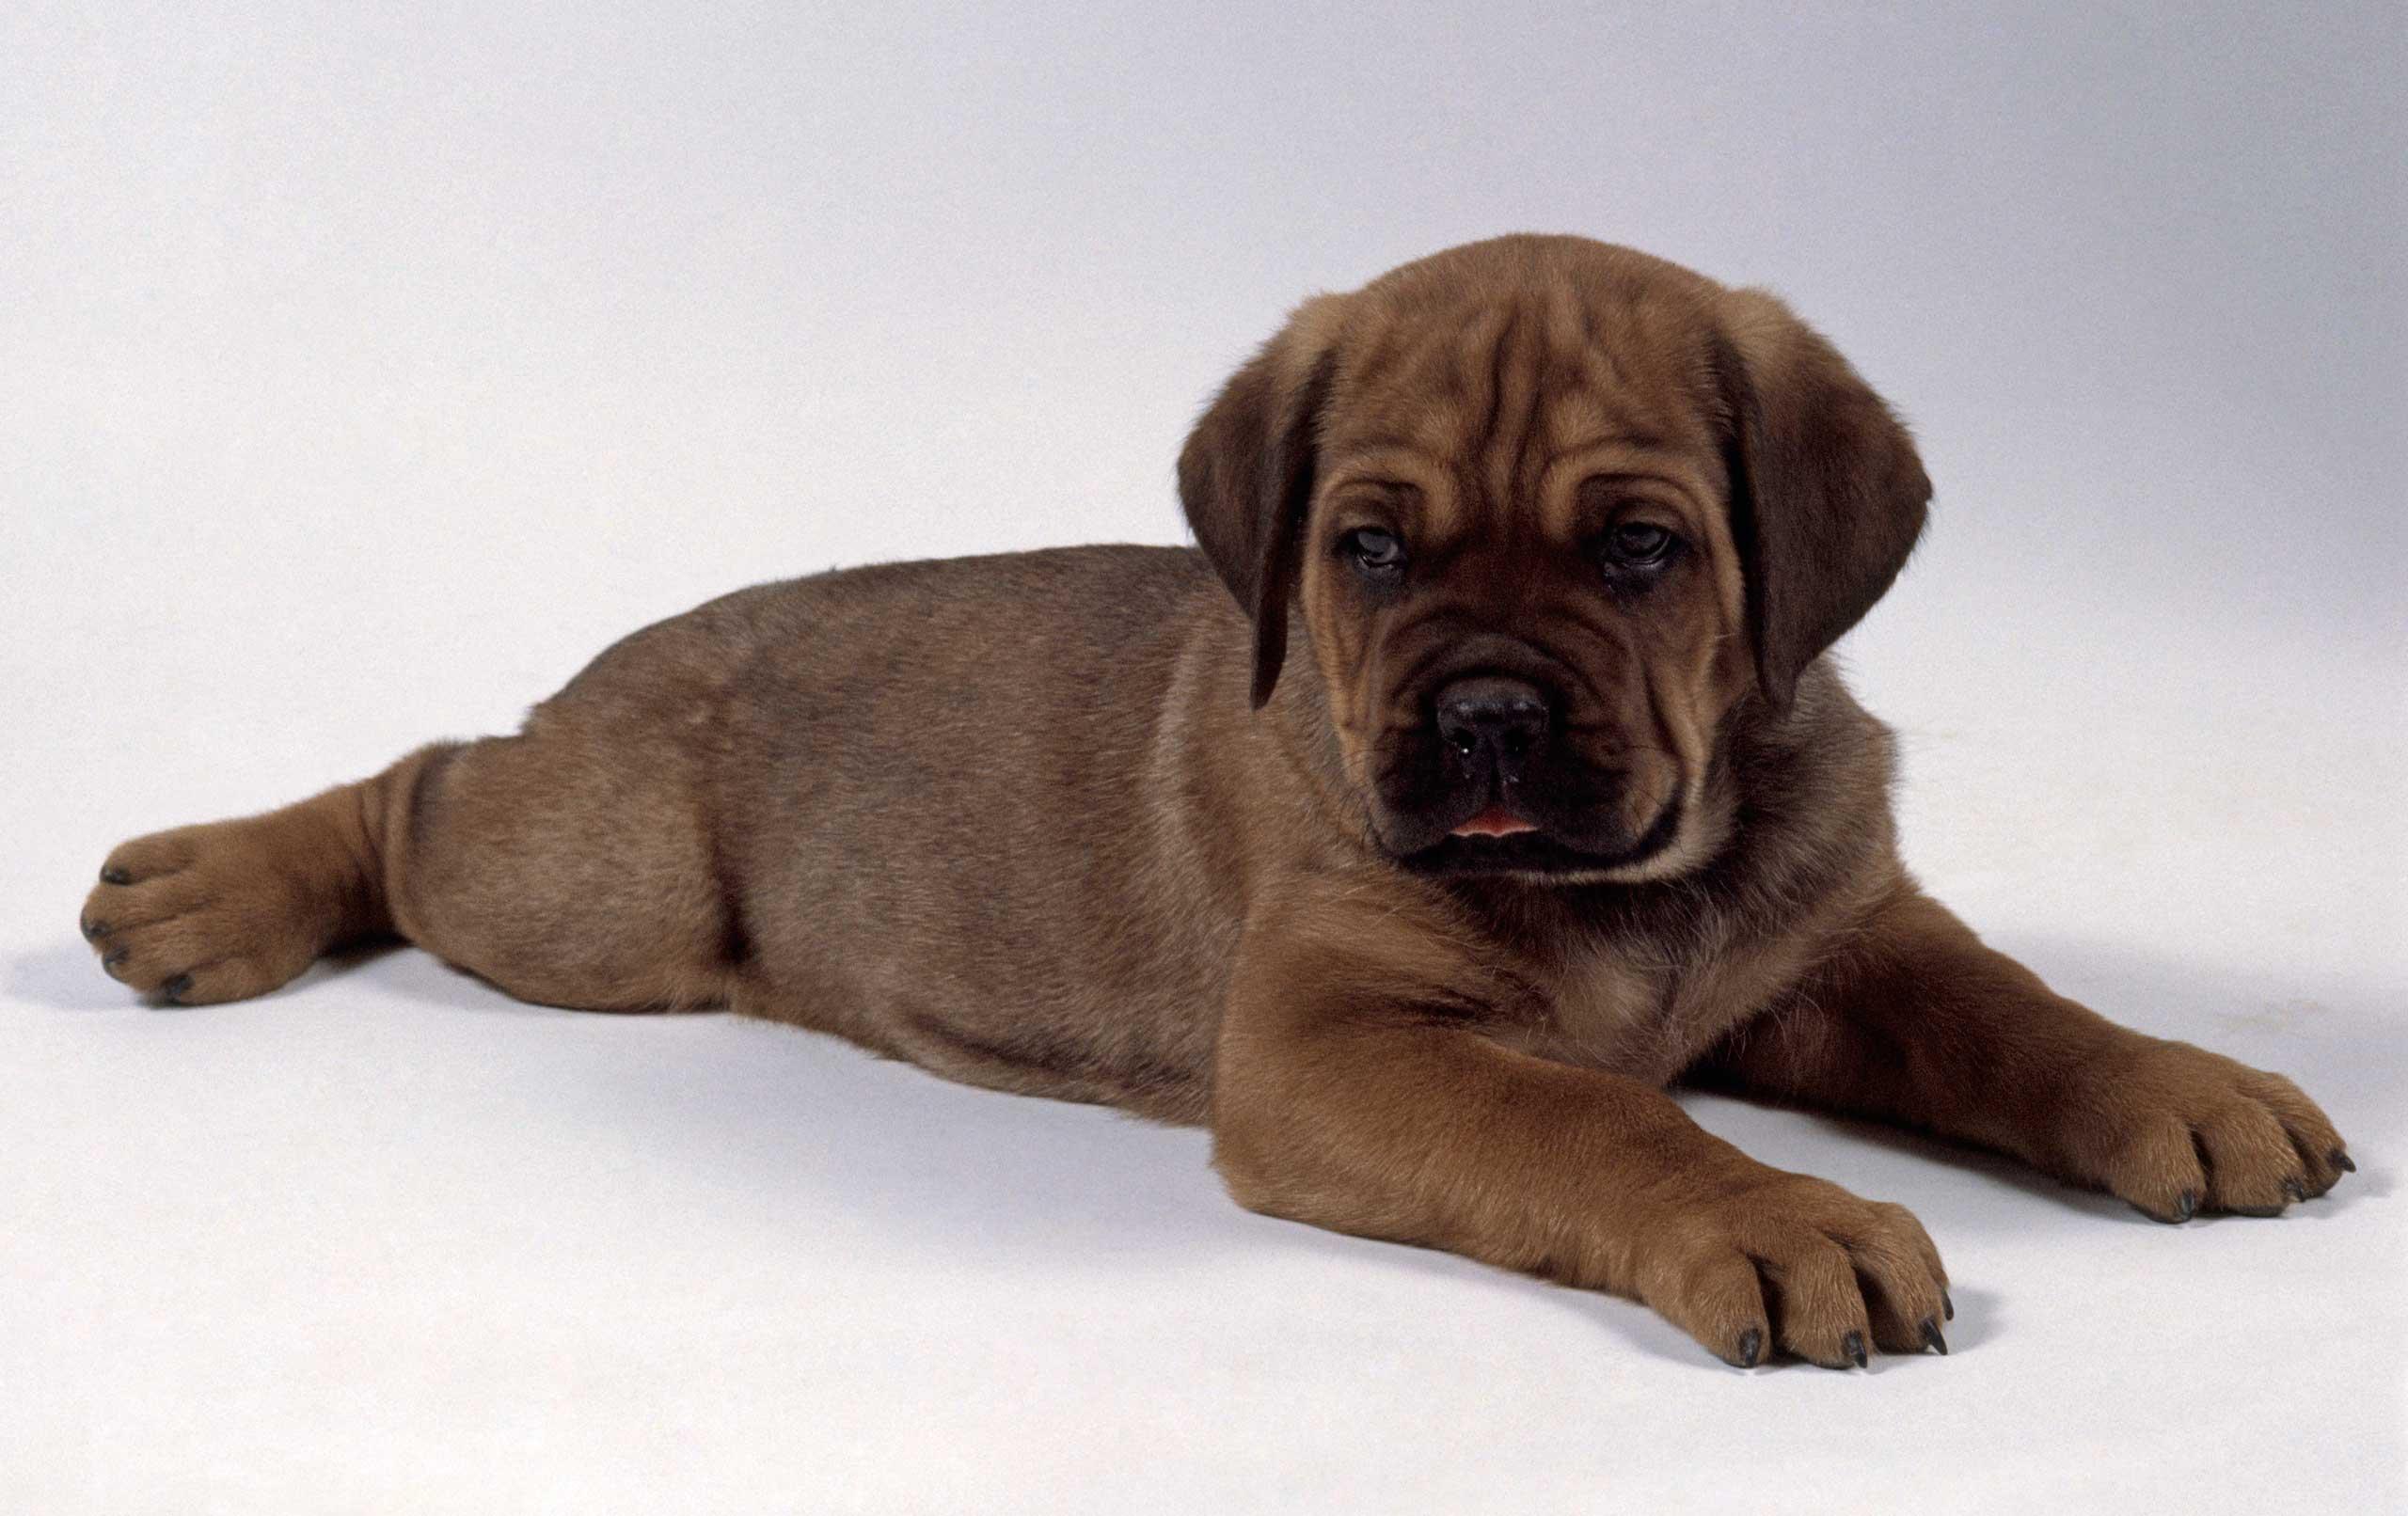 A Cane Corso puppy.